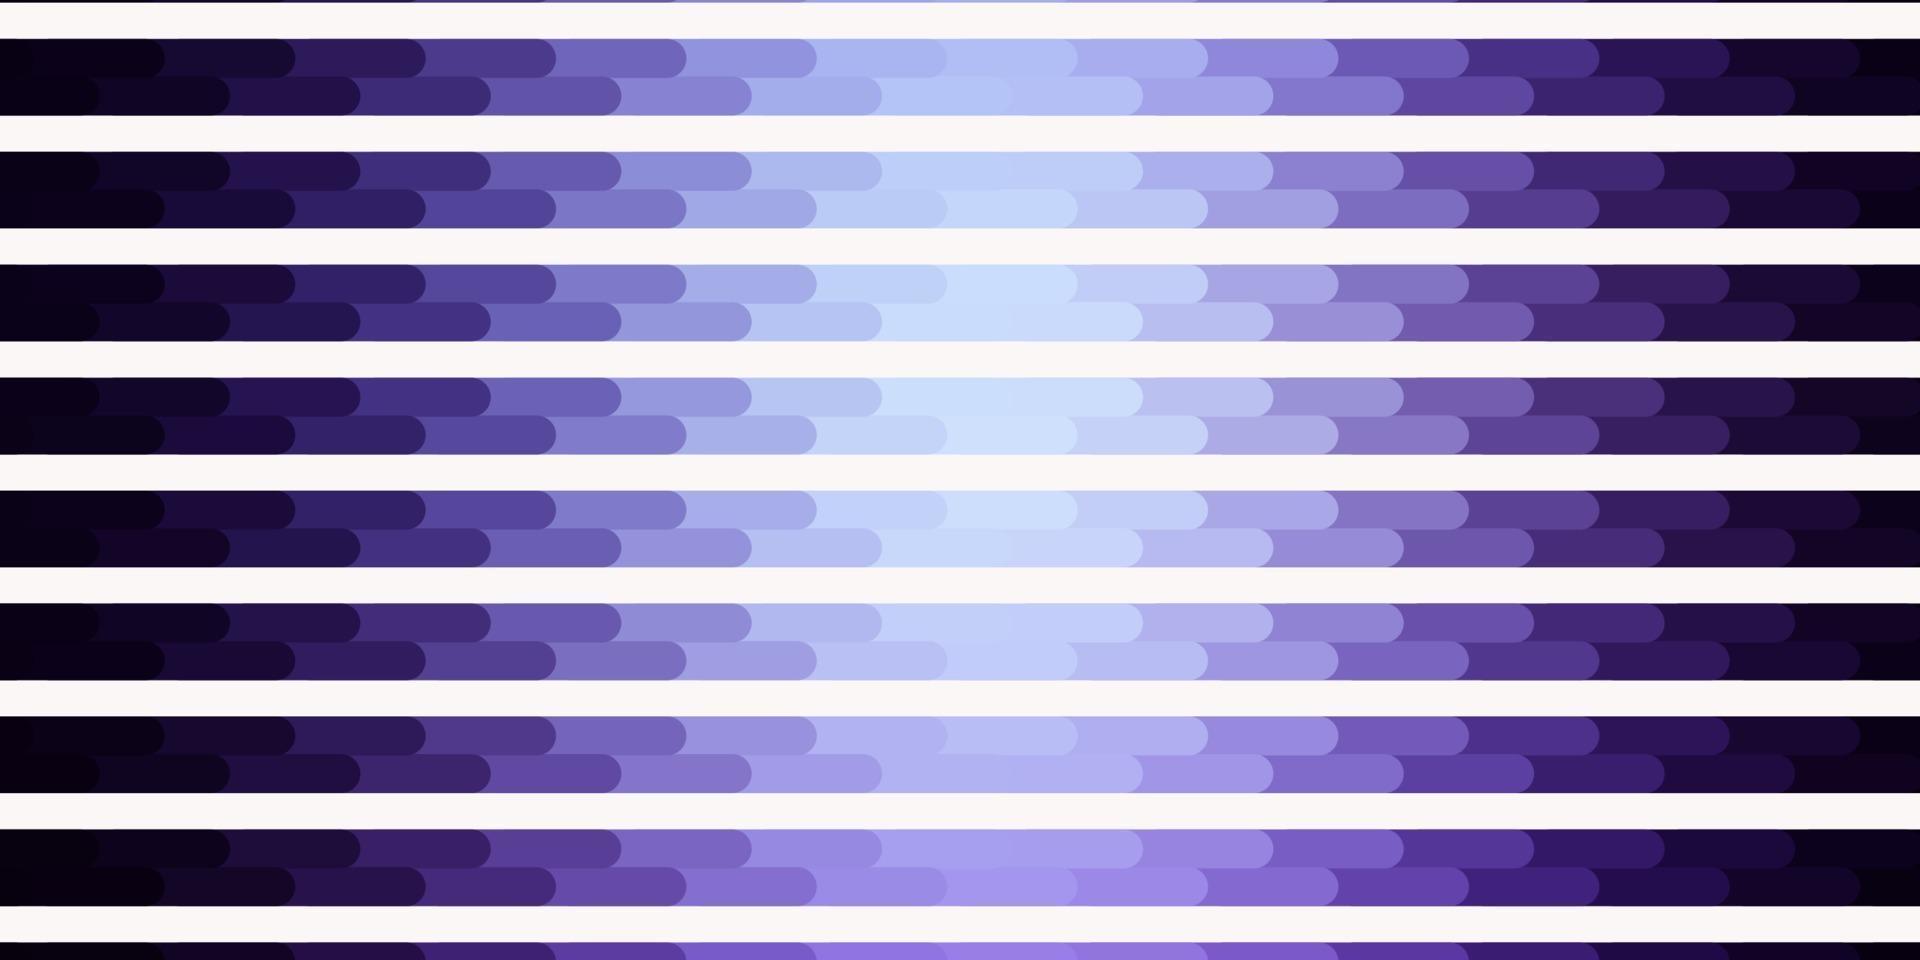 sfondo vettoriale rosa scuro, blu con linee.